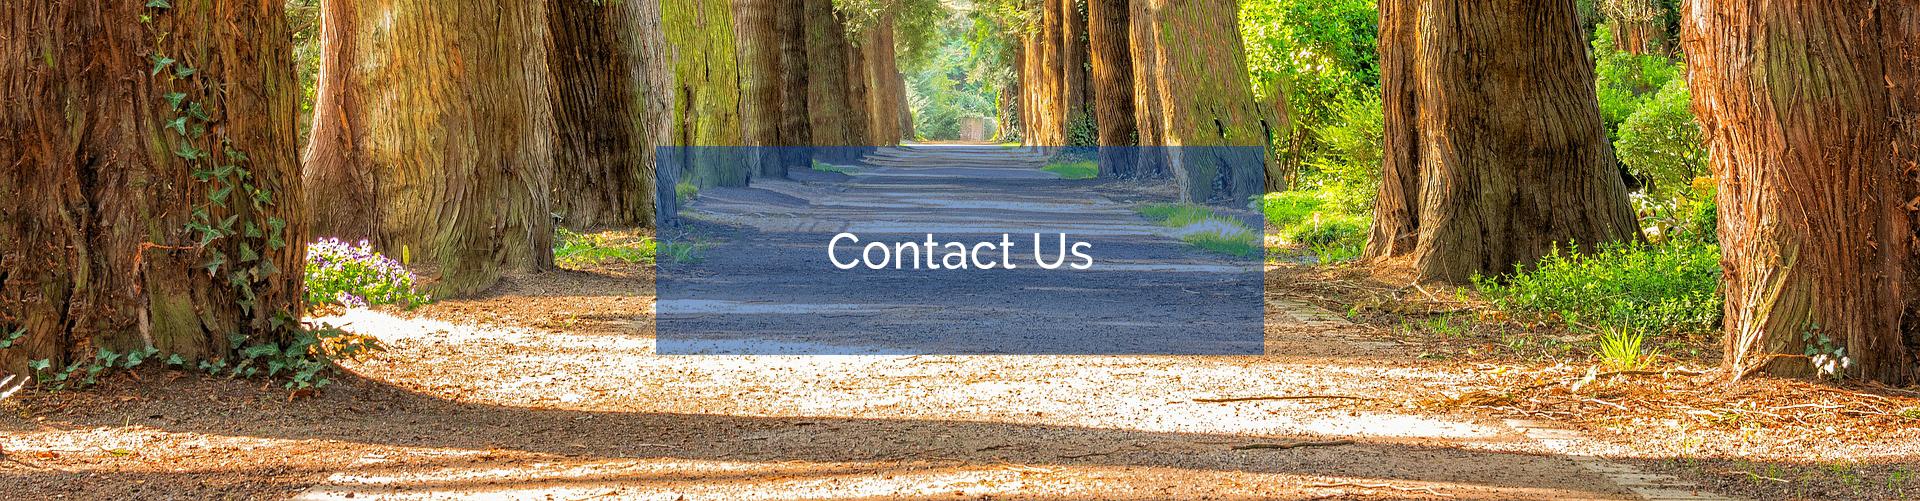 joblinks-contact